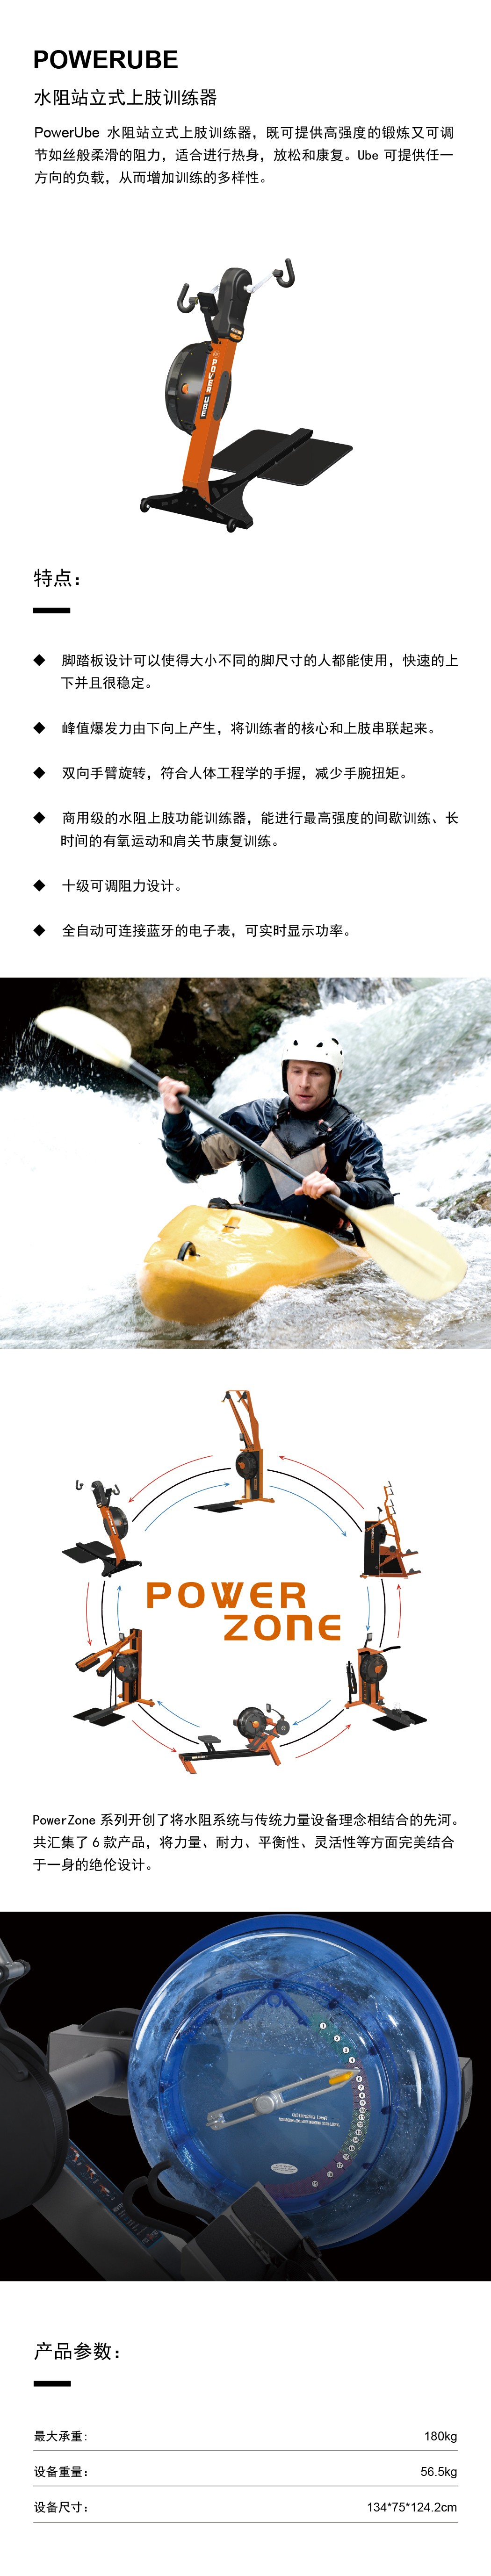 水阻站立式上肢训练器.jpg